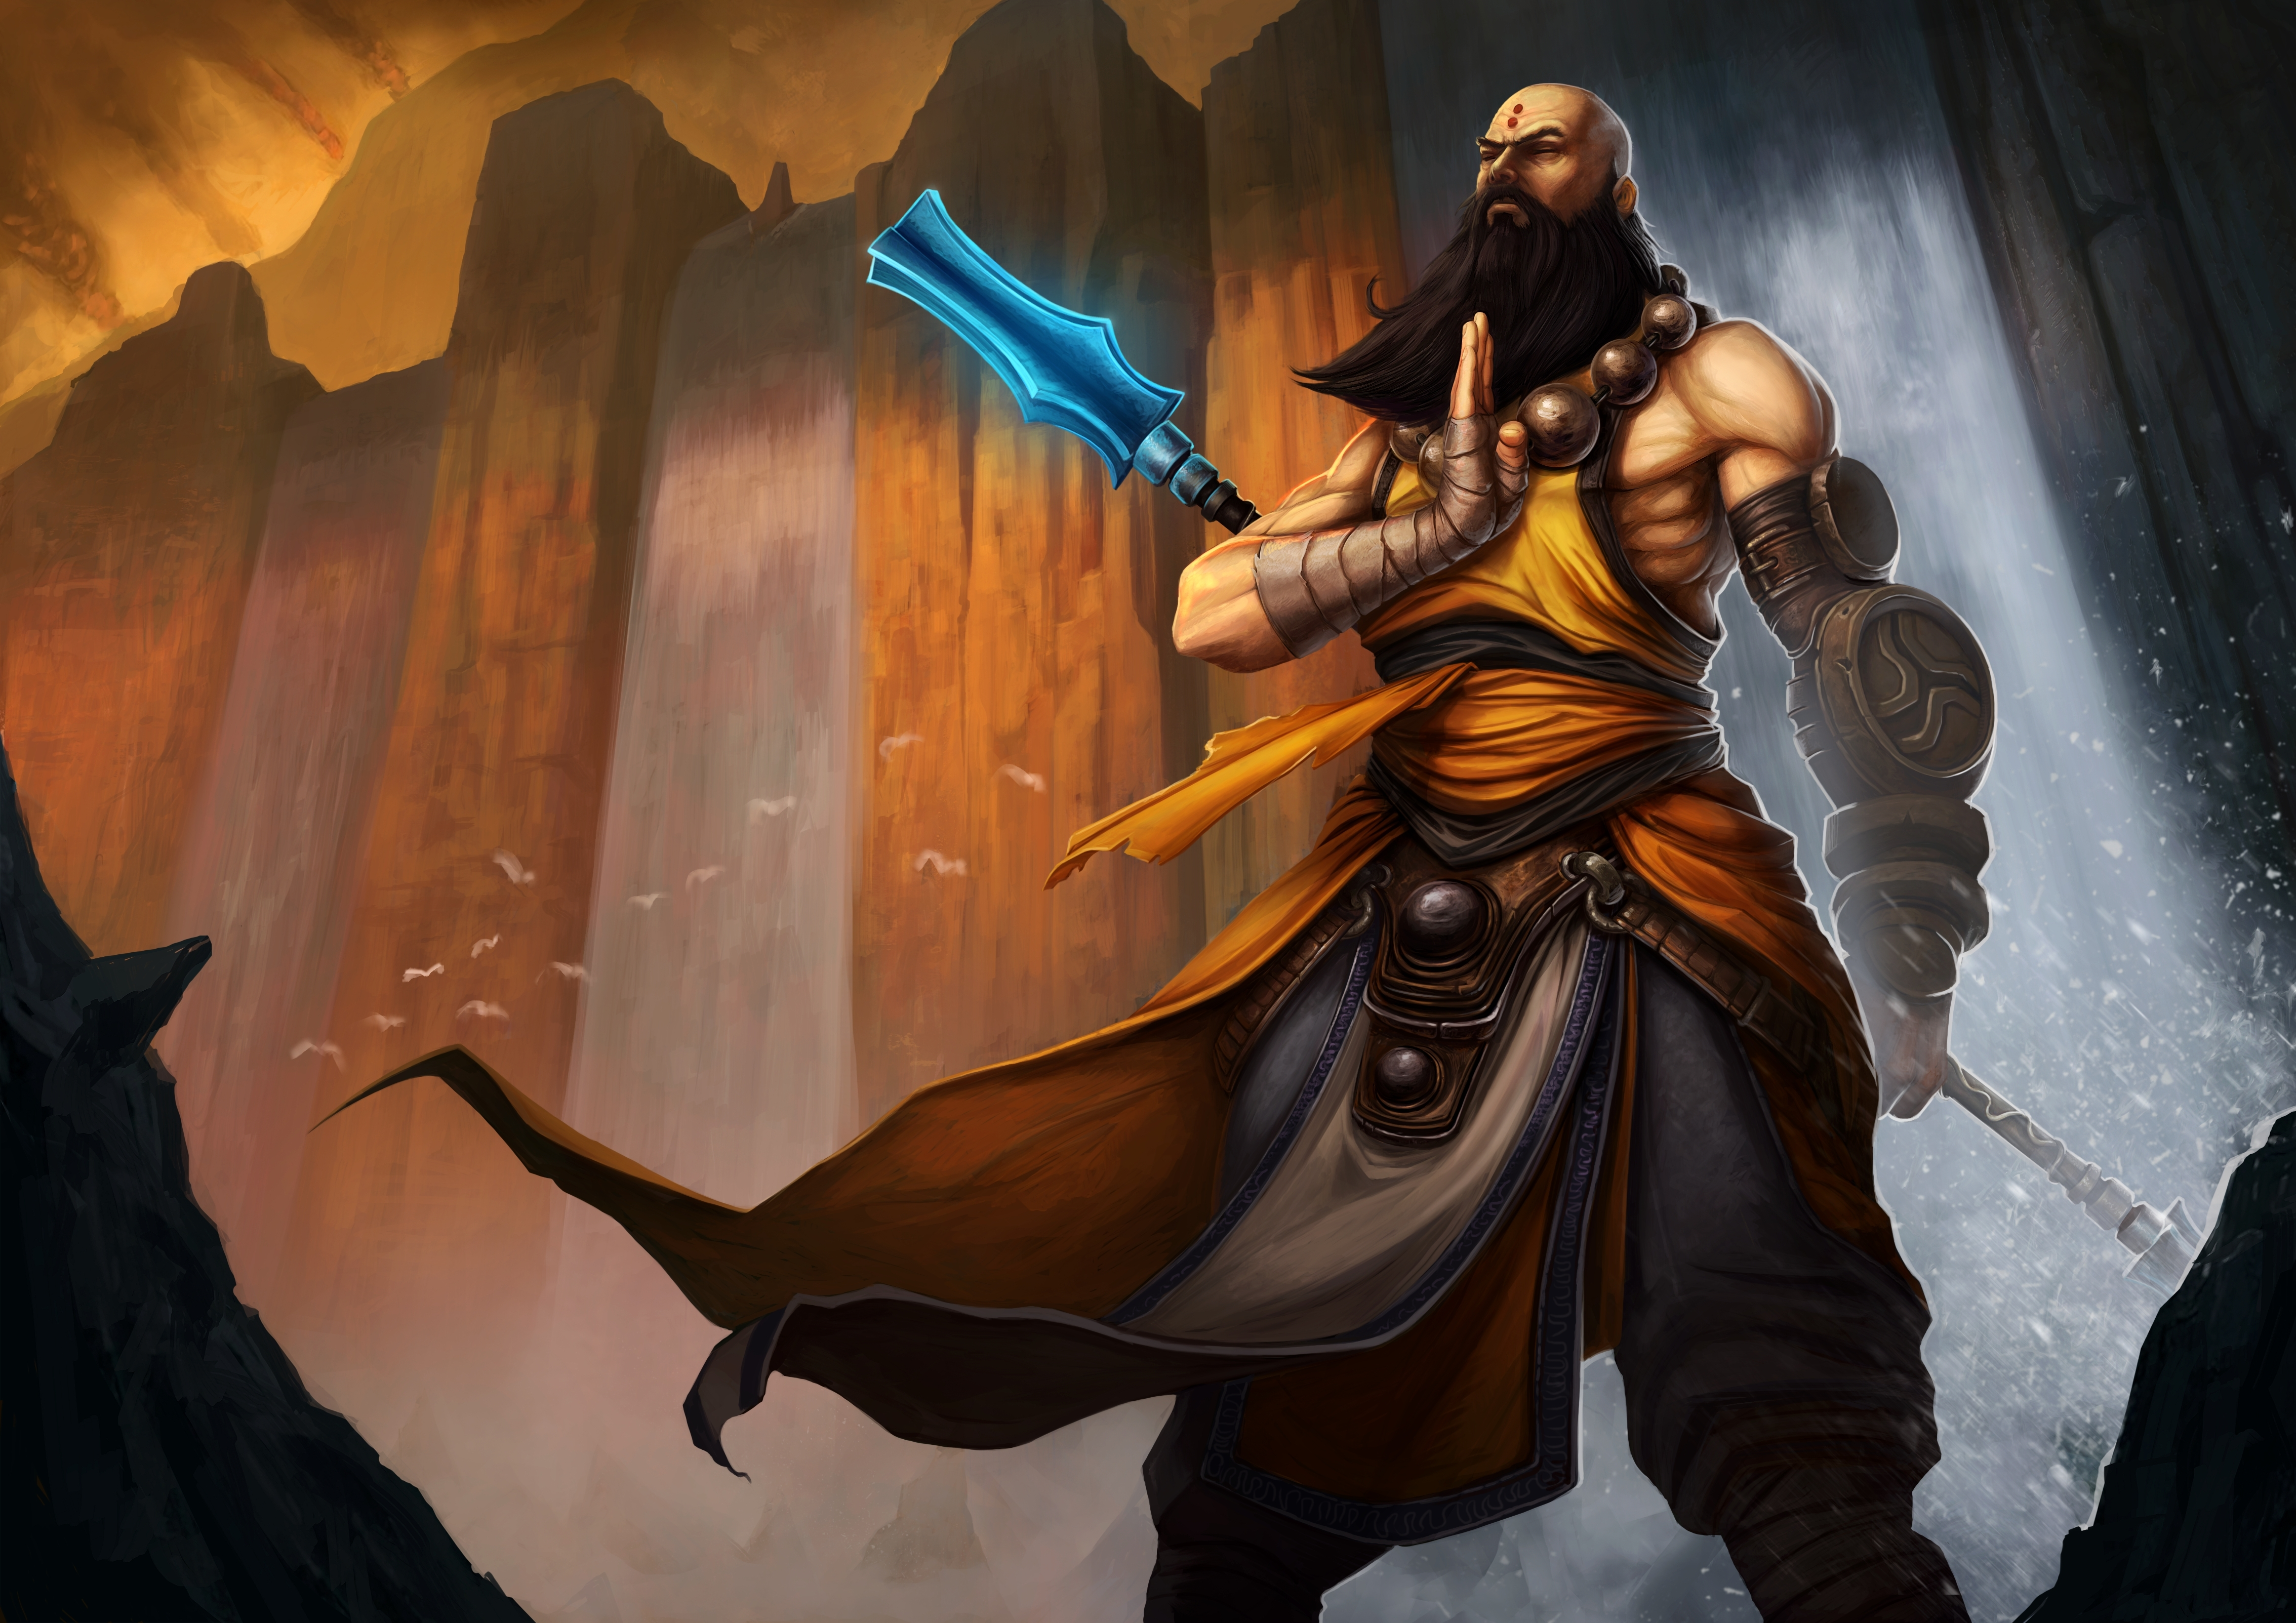 Diablo 3 nude monk hentai image